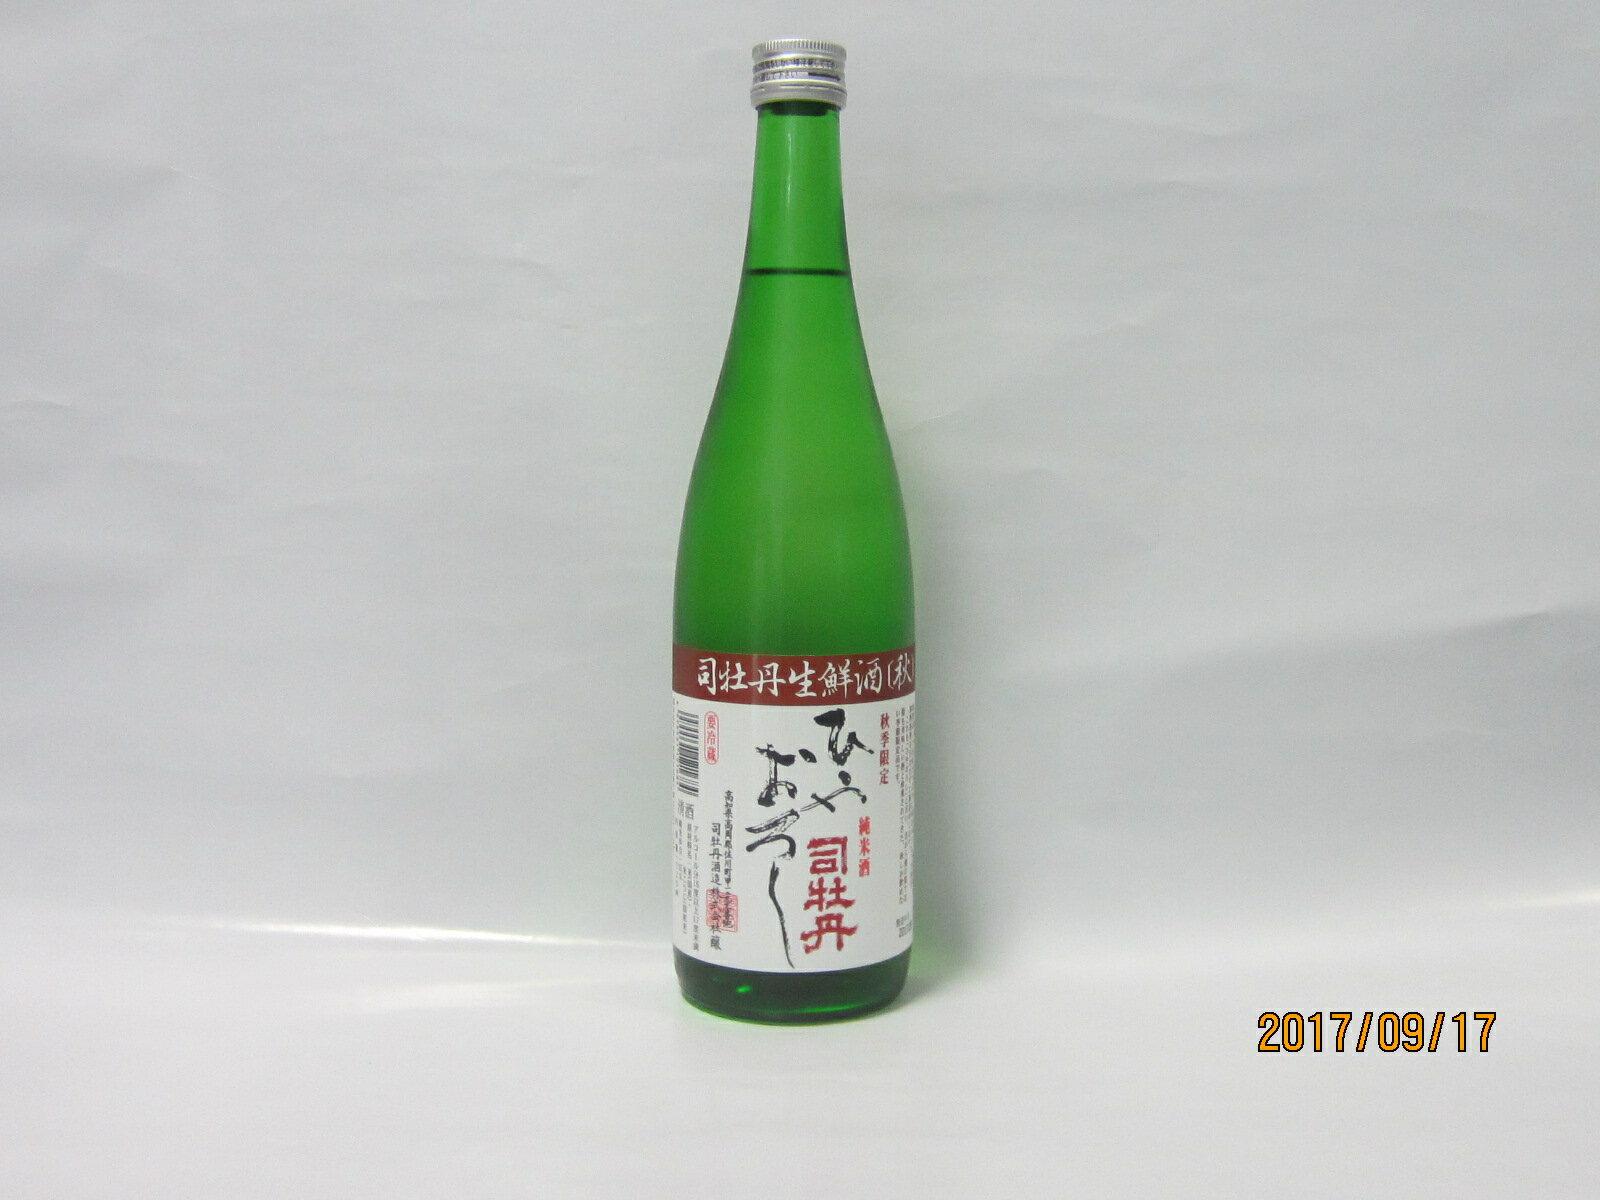 日本酒 司牡丹 生鮮酒 ひやおろし 720ml 土佐酒